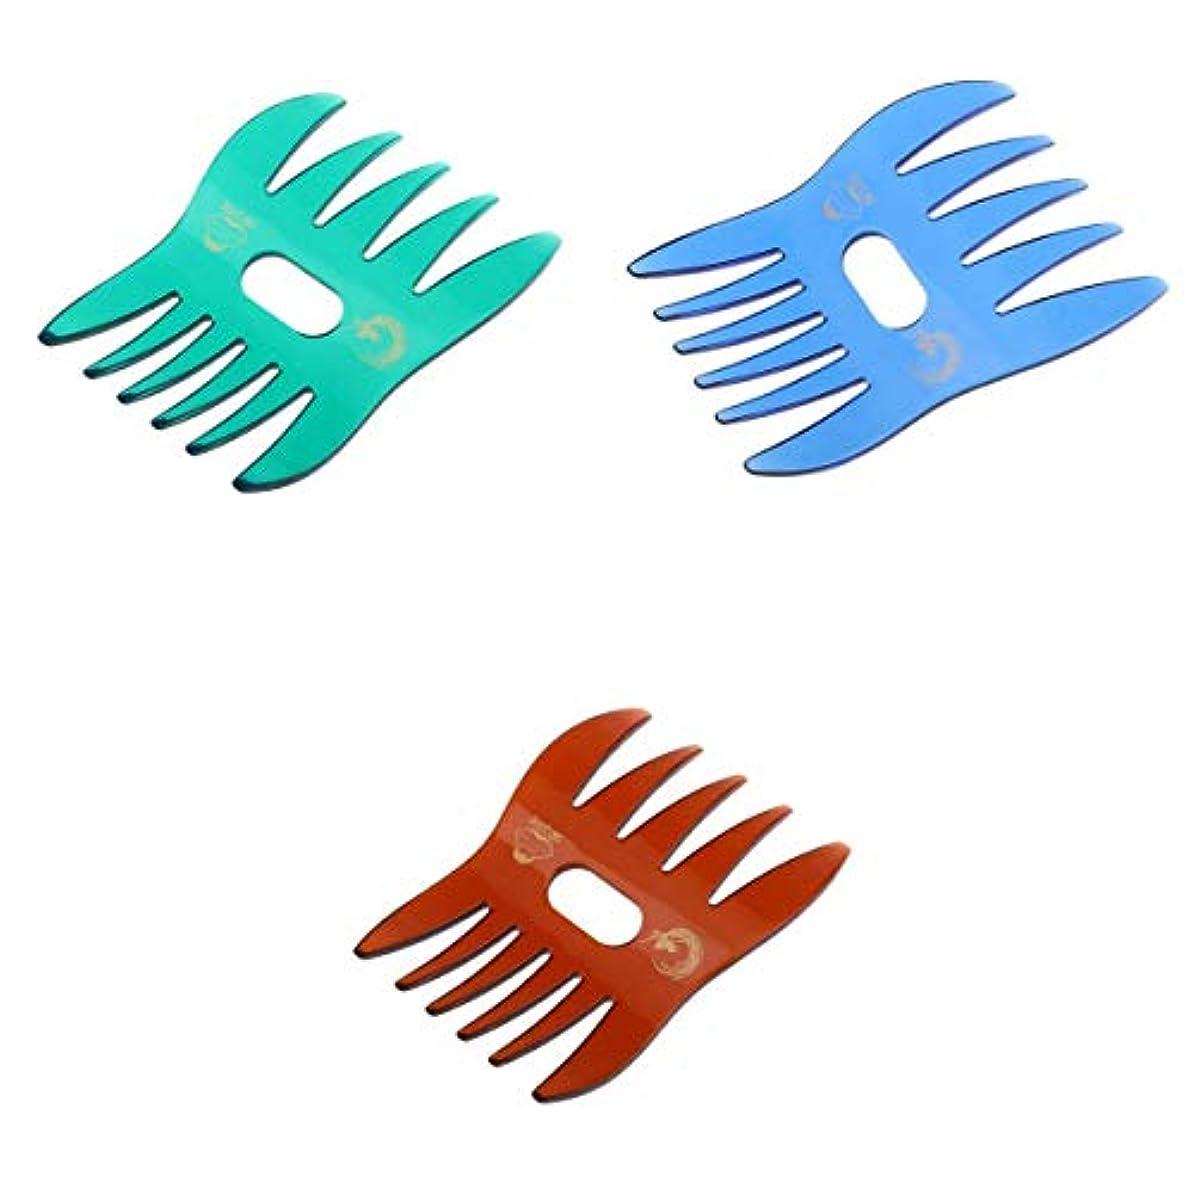 氷姉妹シャッフル櫛 ヘアコーム コーム ヘア櫛 静電気防止 粗歯 頭皮マッサージ オイルヘアスタイル